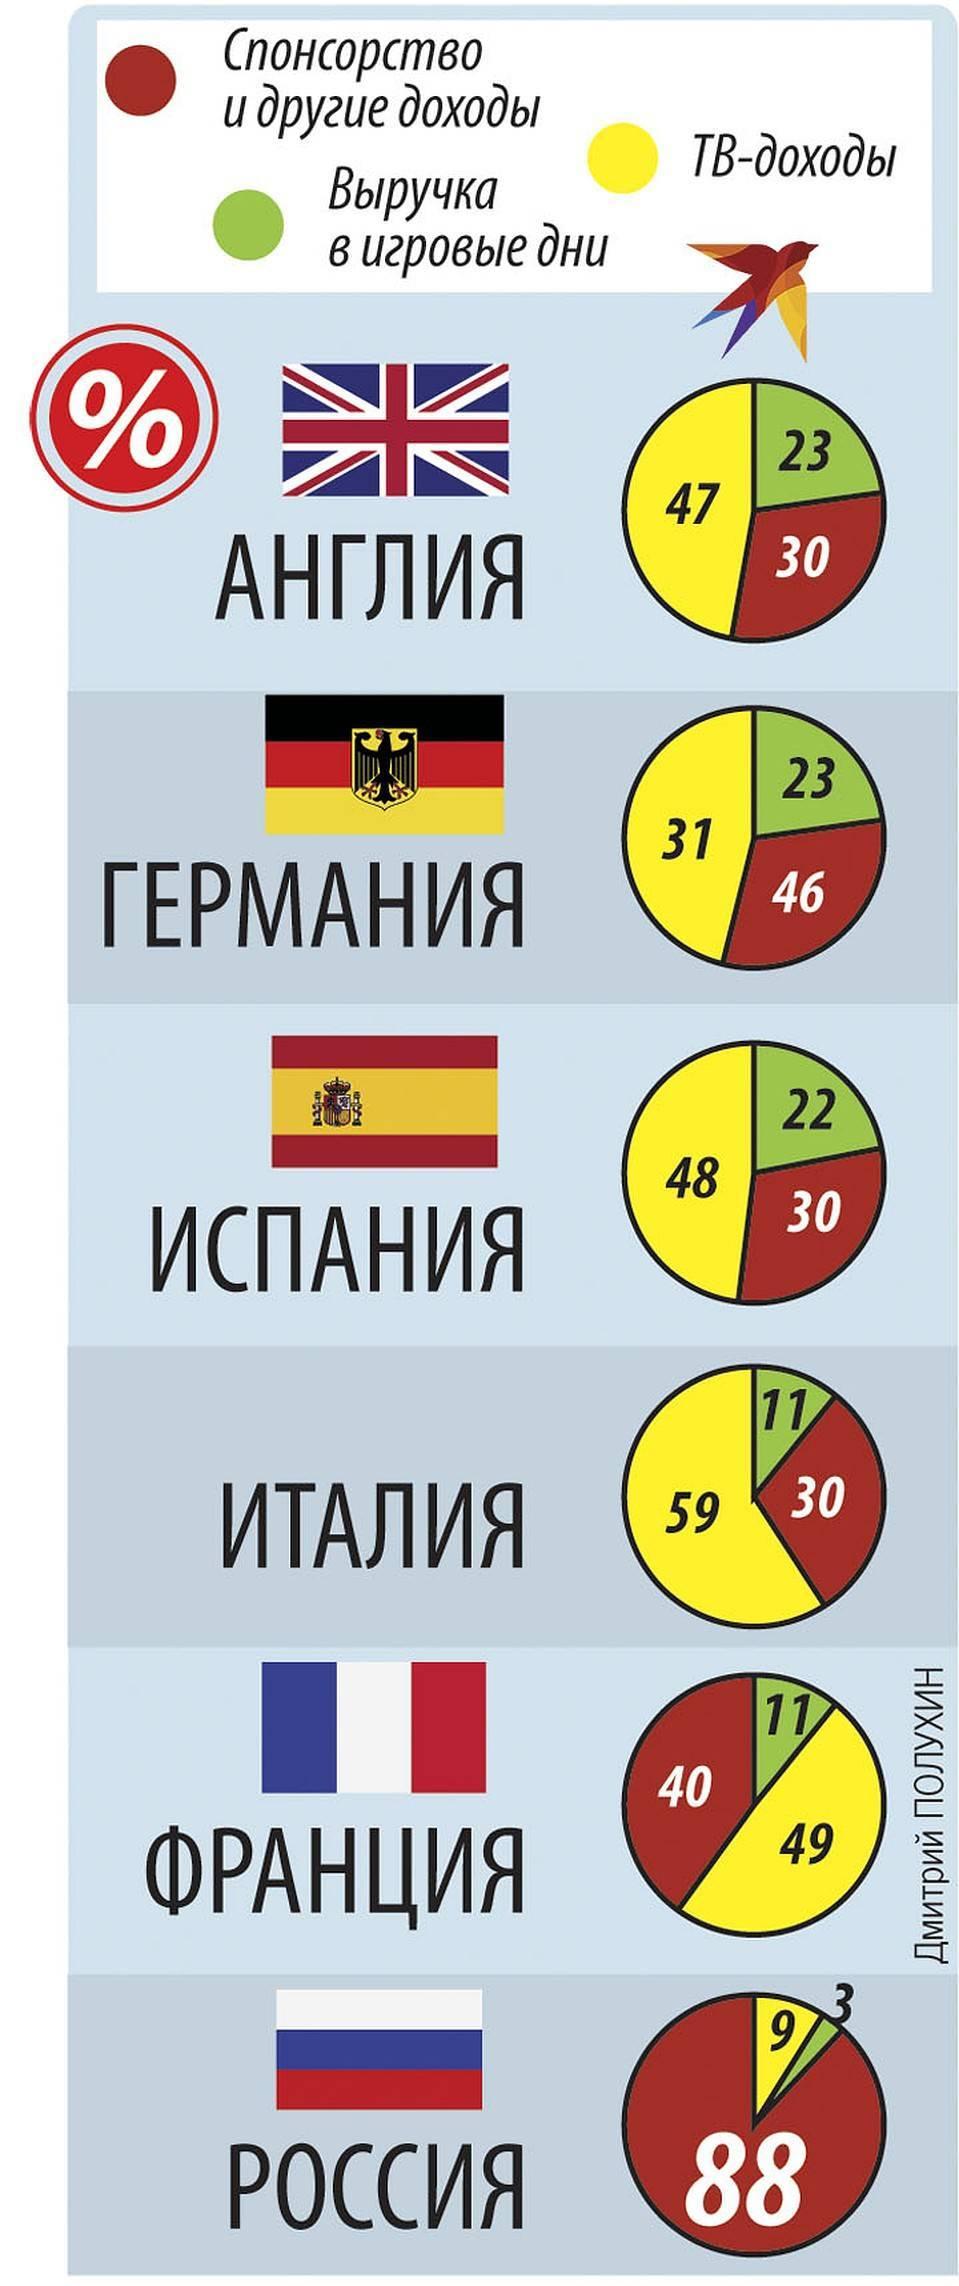 Самые дорогие продажи российских футбольных клубов